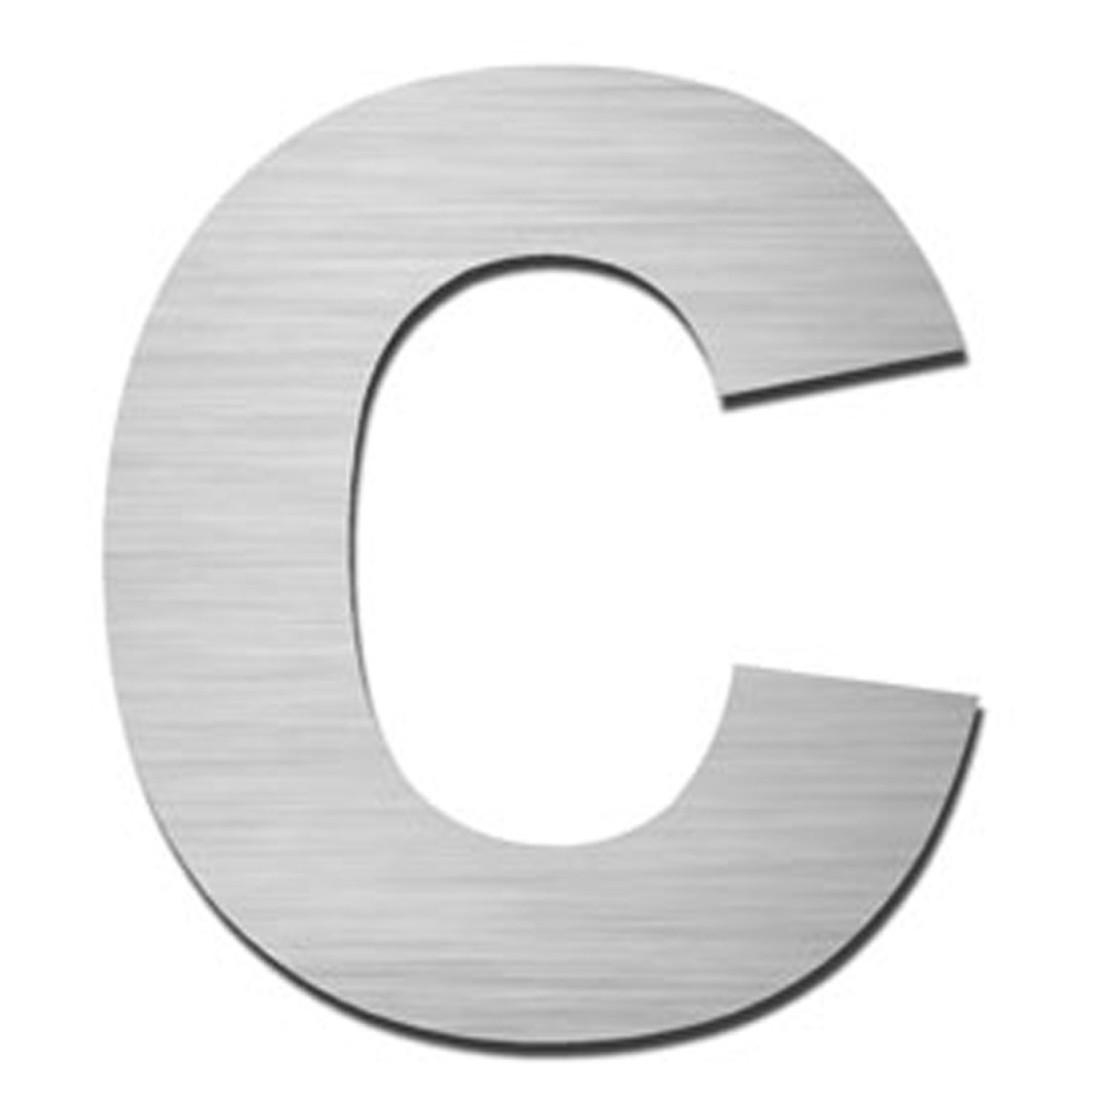 Hausnummer Index zum Aufschrauben c - Matt Gebürstet Edelstahl Matt Gebürstet Silber, Serafini